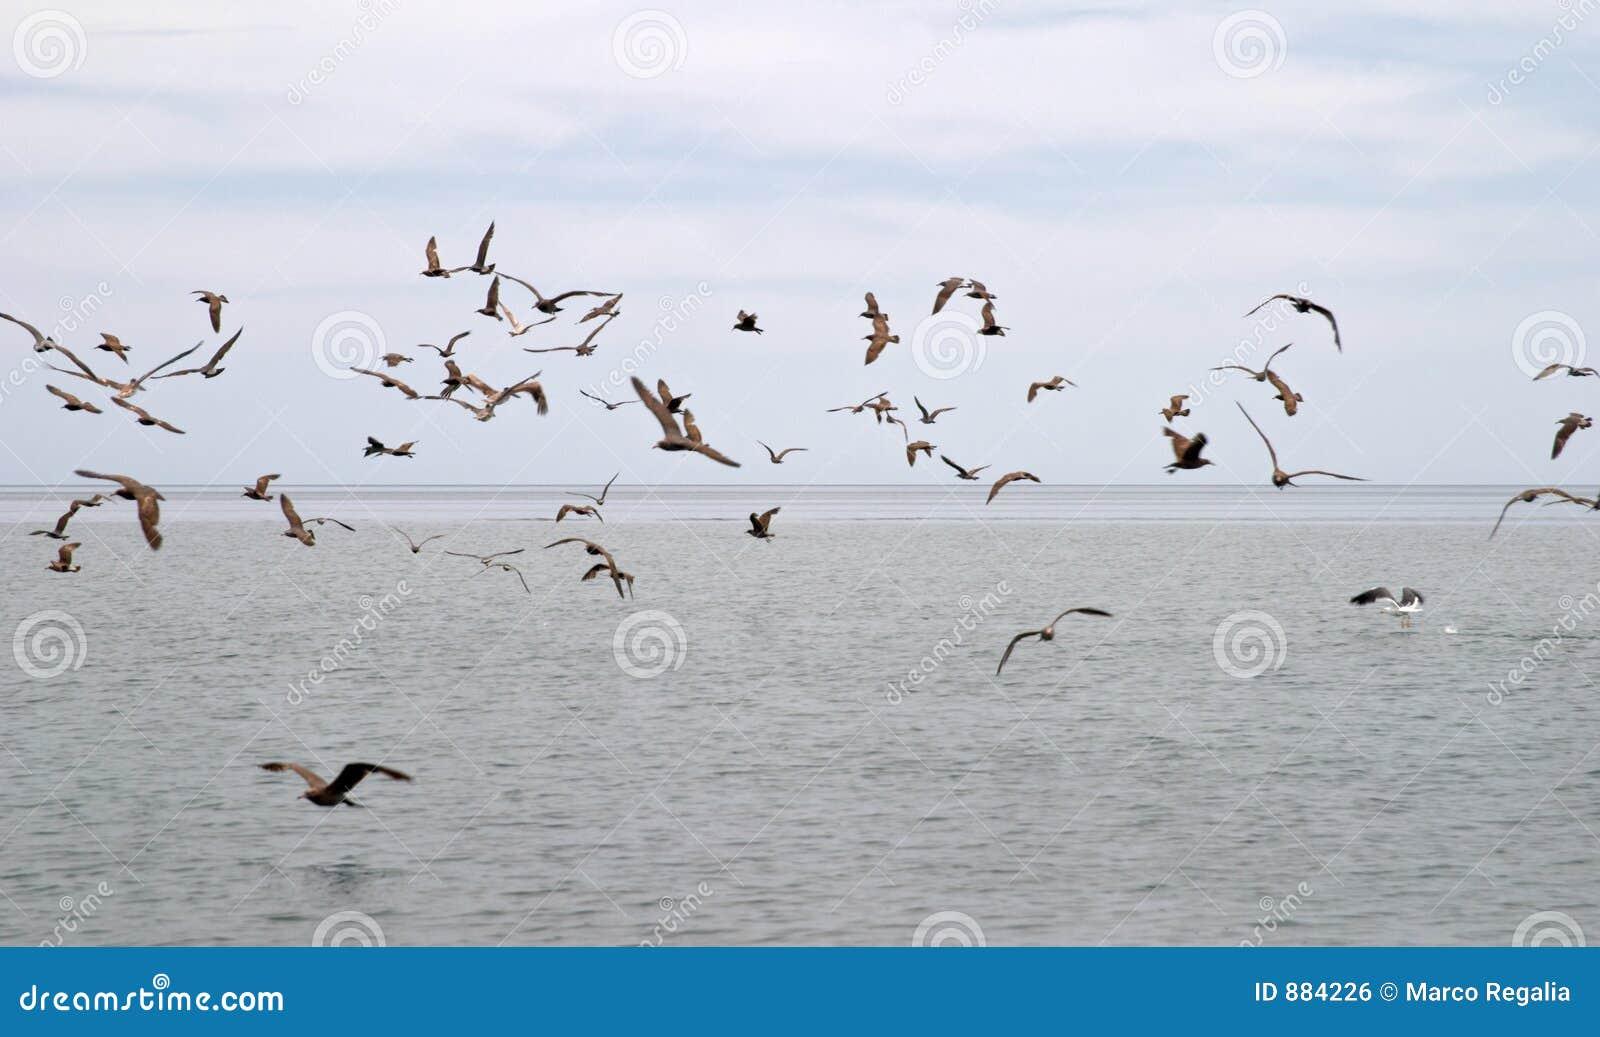 Ptaki morskie